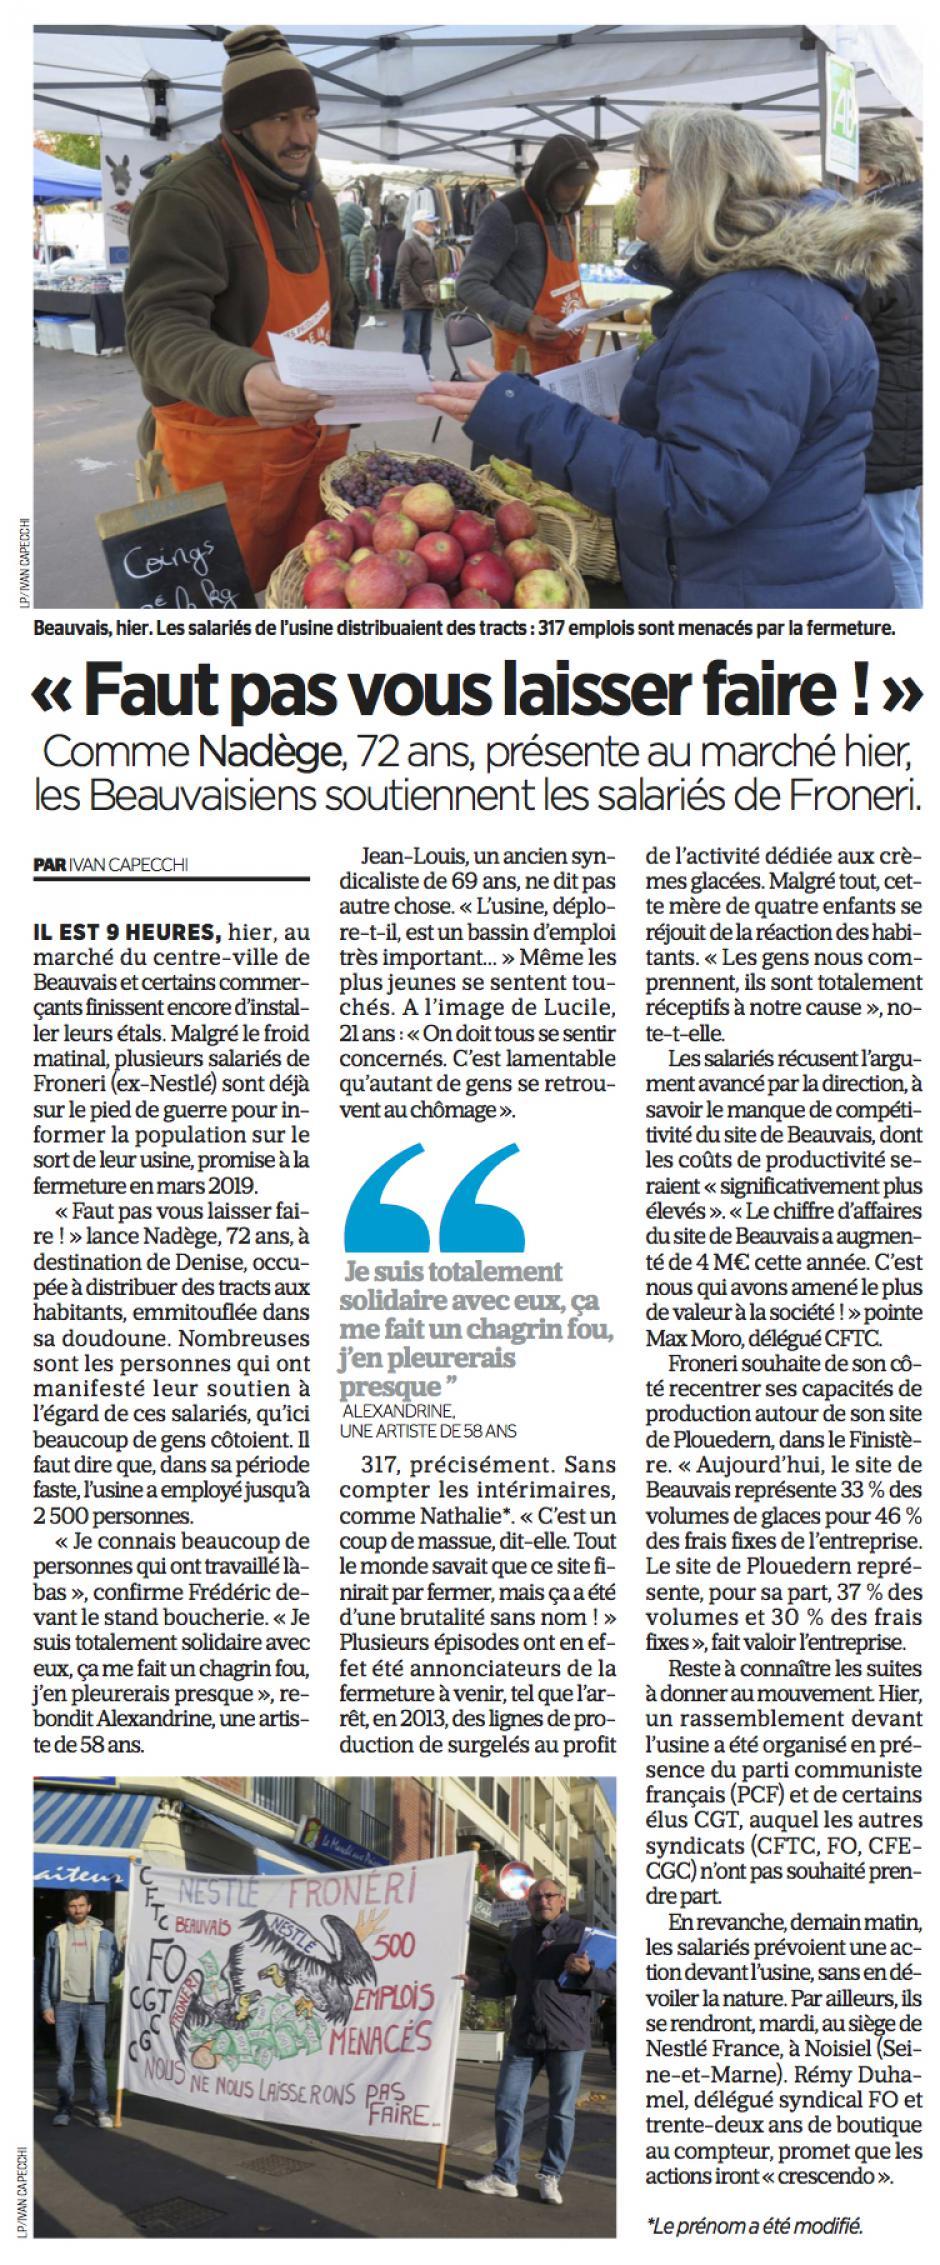 20181028-LeP-Beauvais-Froneri-Nestlé : « Faut pas vous laisser faire ! »